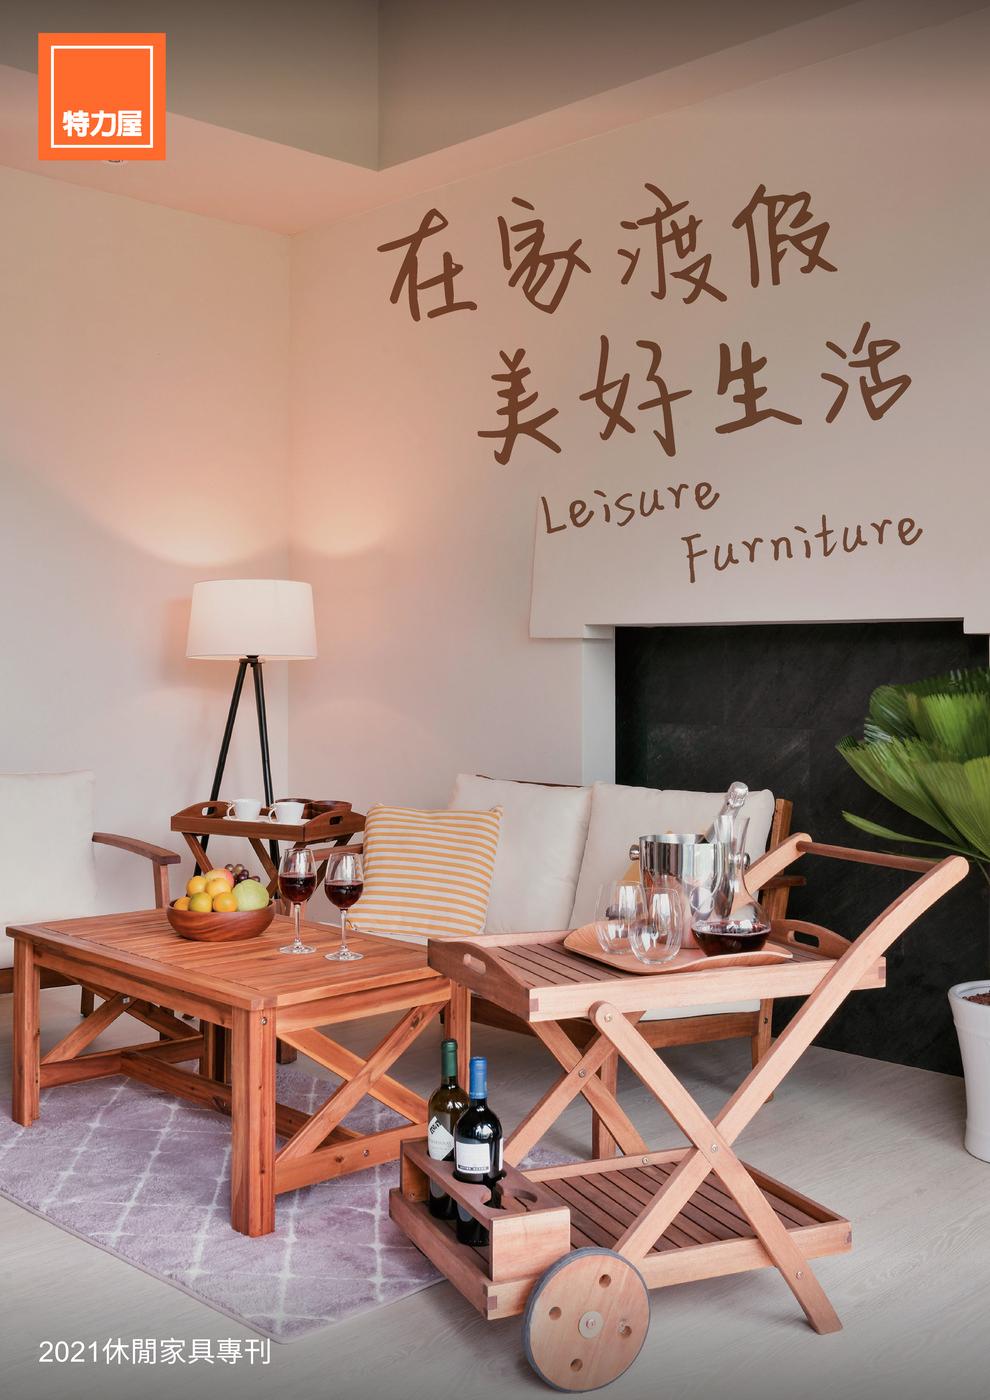 🛠特力屋 💥 2021_在家渡假 美好生活 【2021/12/31 止】